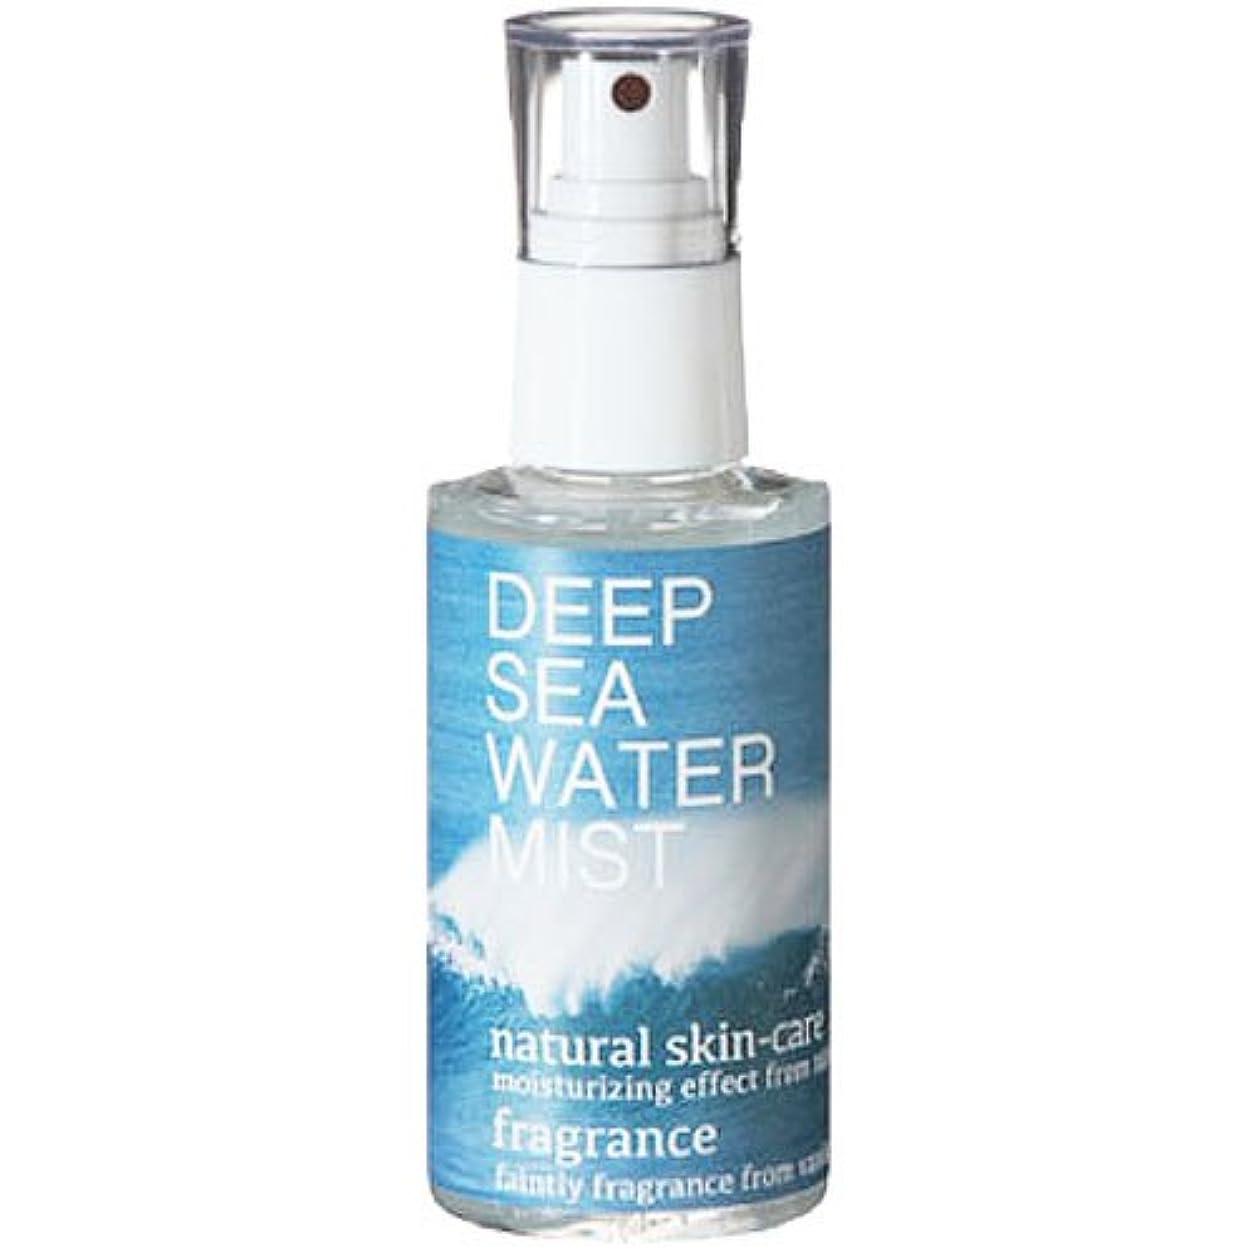 思春期の信頼性ハブブメディワン  ナチュラルミスト  DEEP SEA WATER MIST(ディープシーウォーターミスト)  120ml